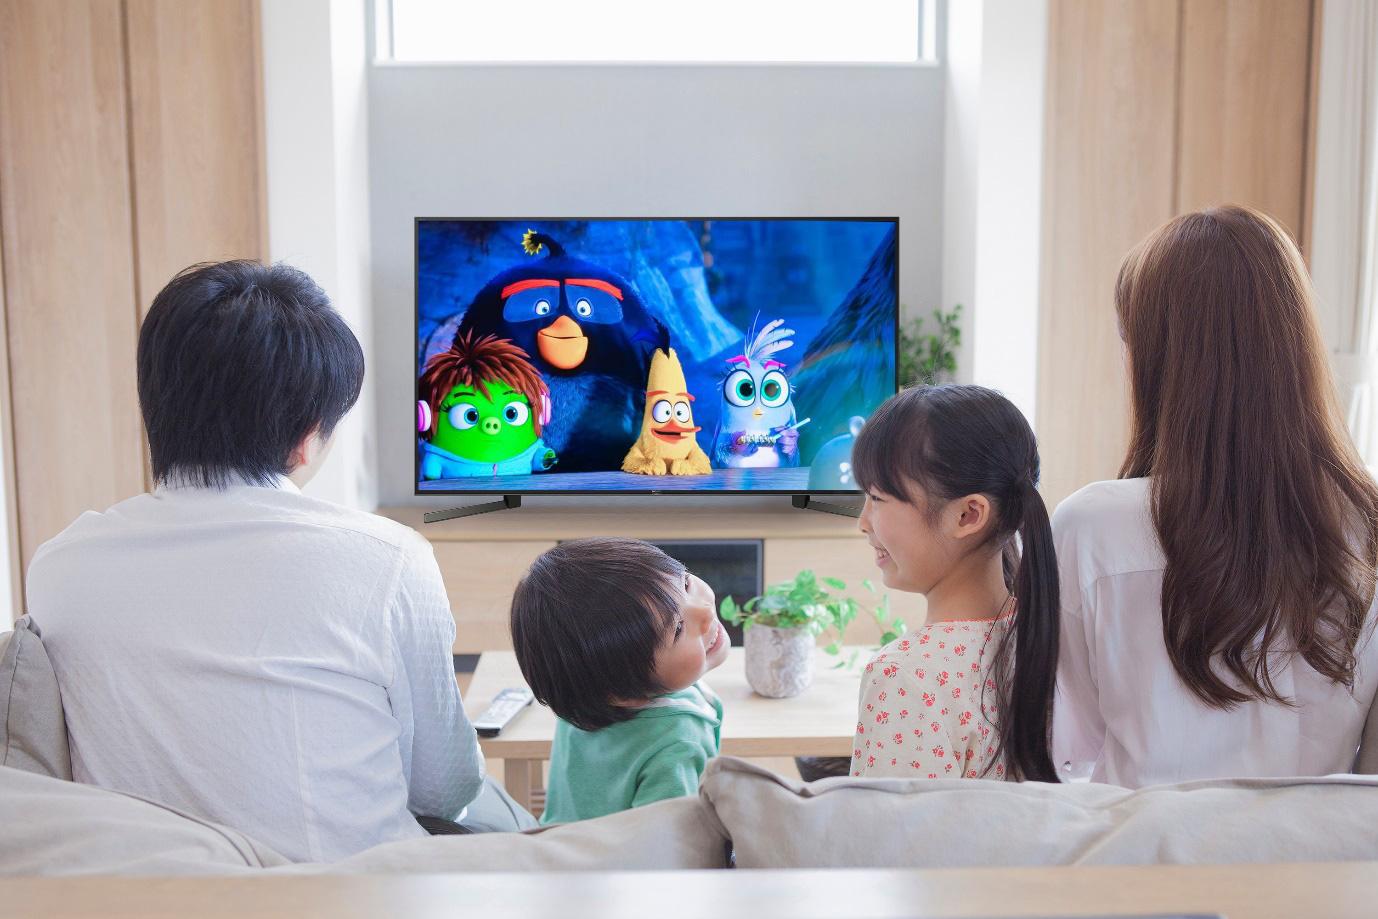 Đón Tết theo phong cách Sony Android TV, bạn đã biết? - Ảnh 3.